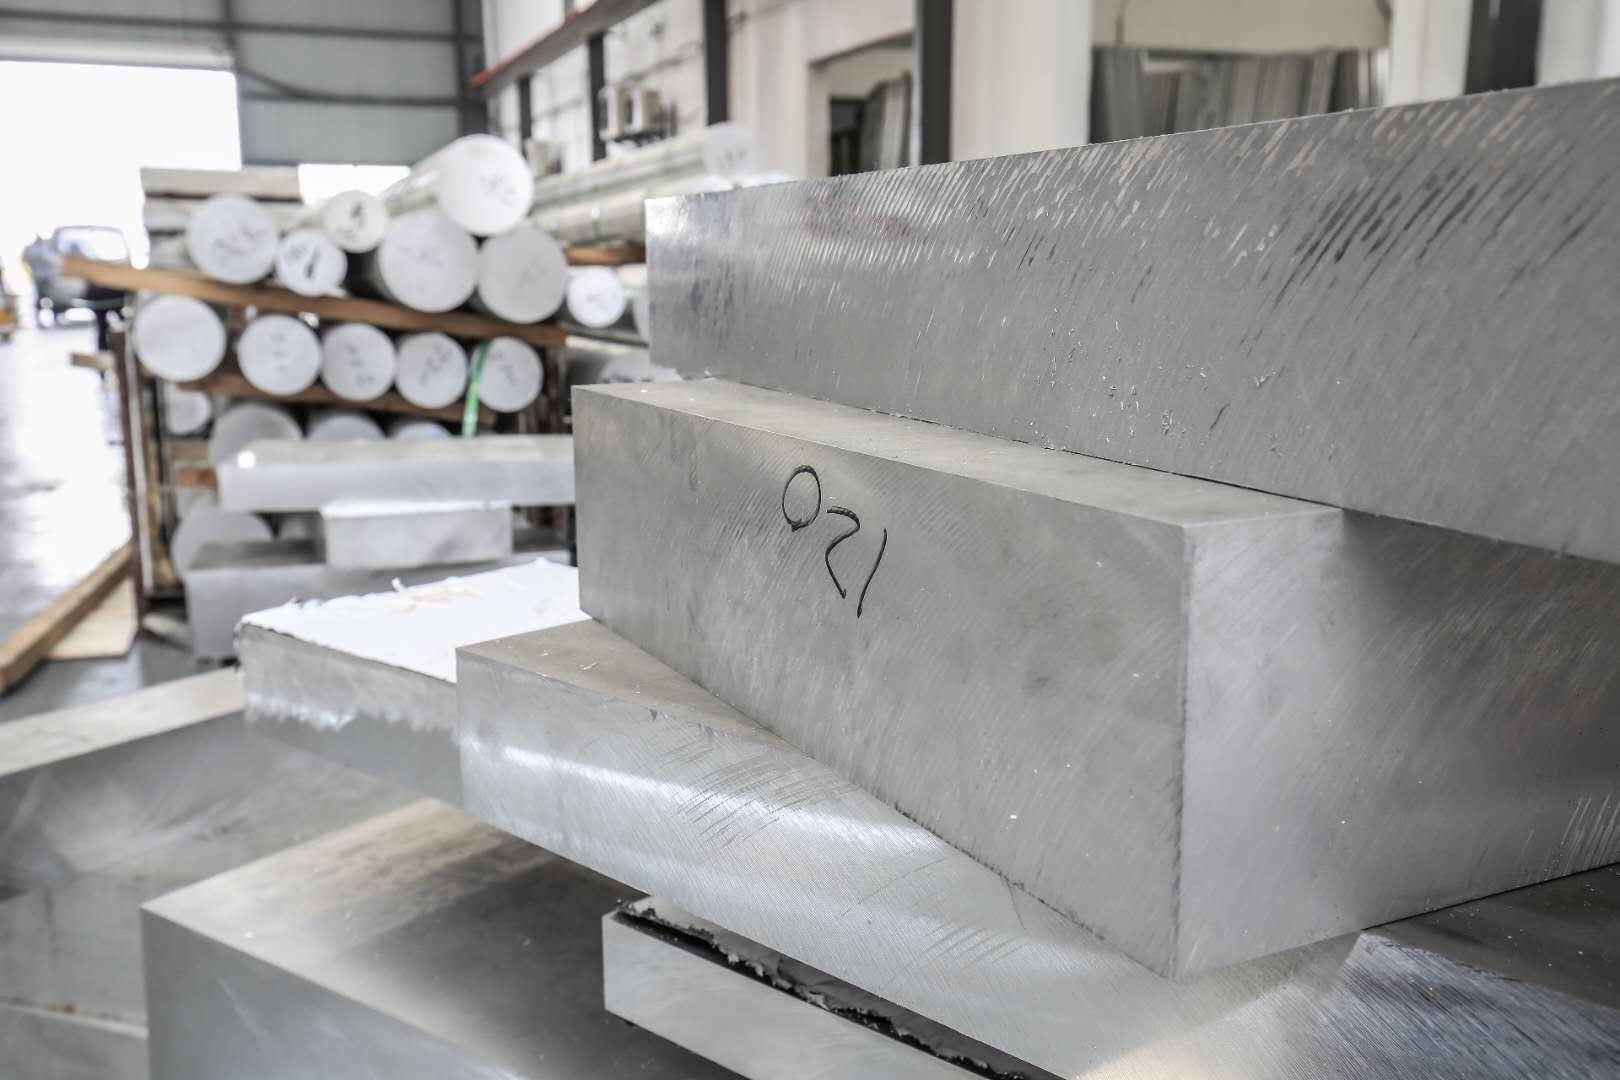 6061鋁闆7075鋁闆2A12鋁闆2024鋁闆制造廠家 上海韻賢金屬制品供應「上海韻賢金屬制品供應」